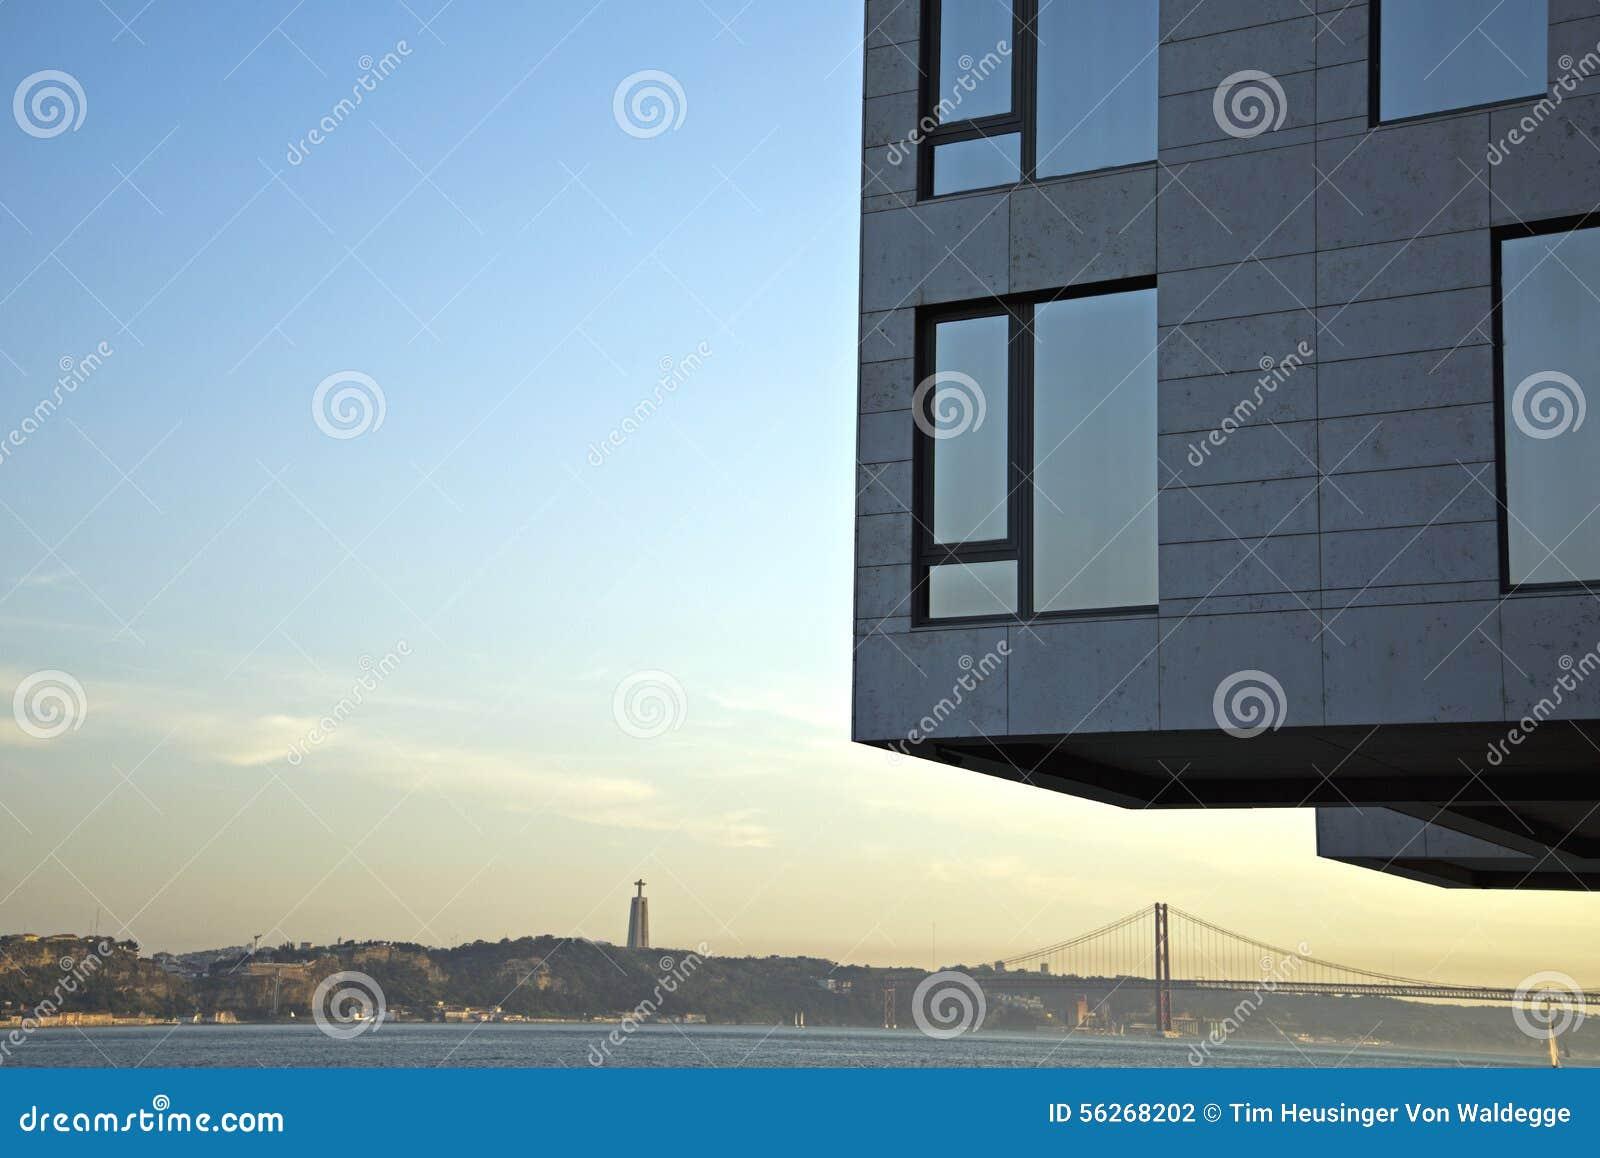 Moderne architektur in tejo fluss lissabon portugal for Architektur lissabon